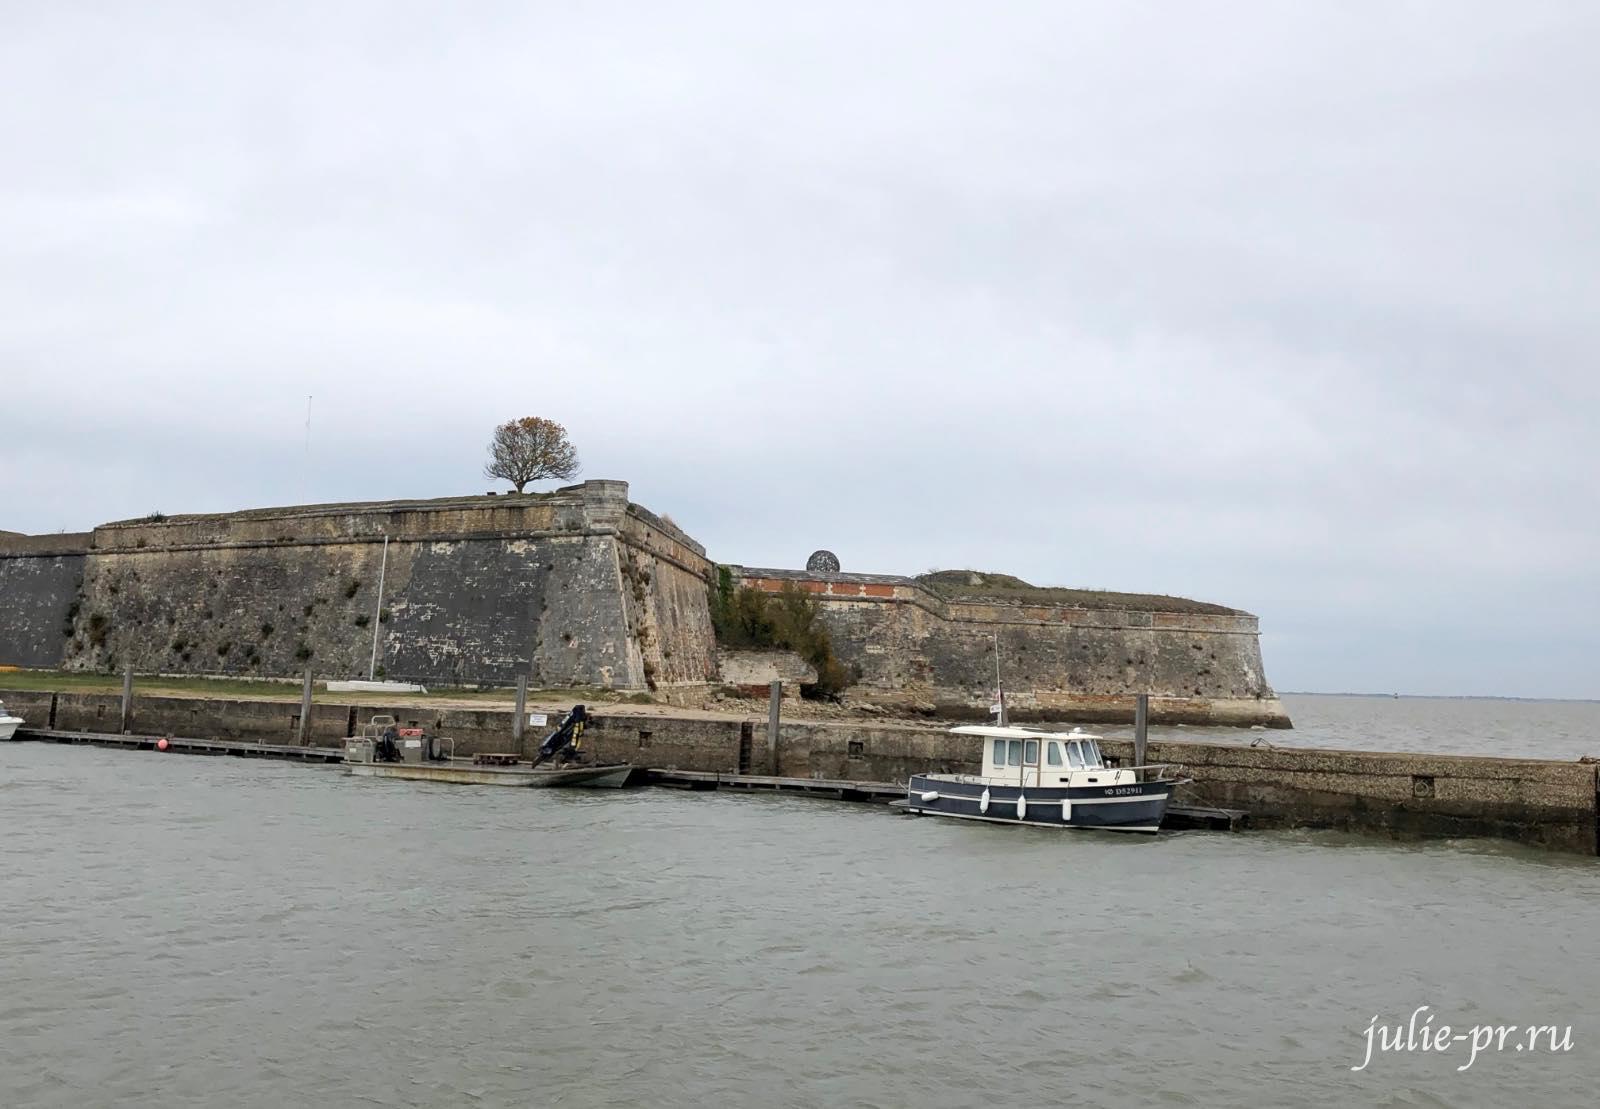 Chateau d'Oleron, Франция, Шато д'Олерон, остров Олерон